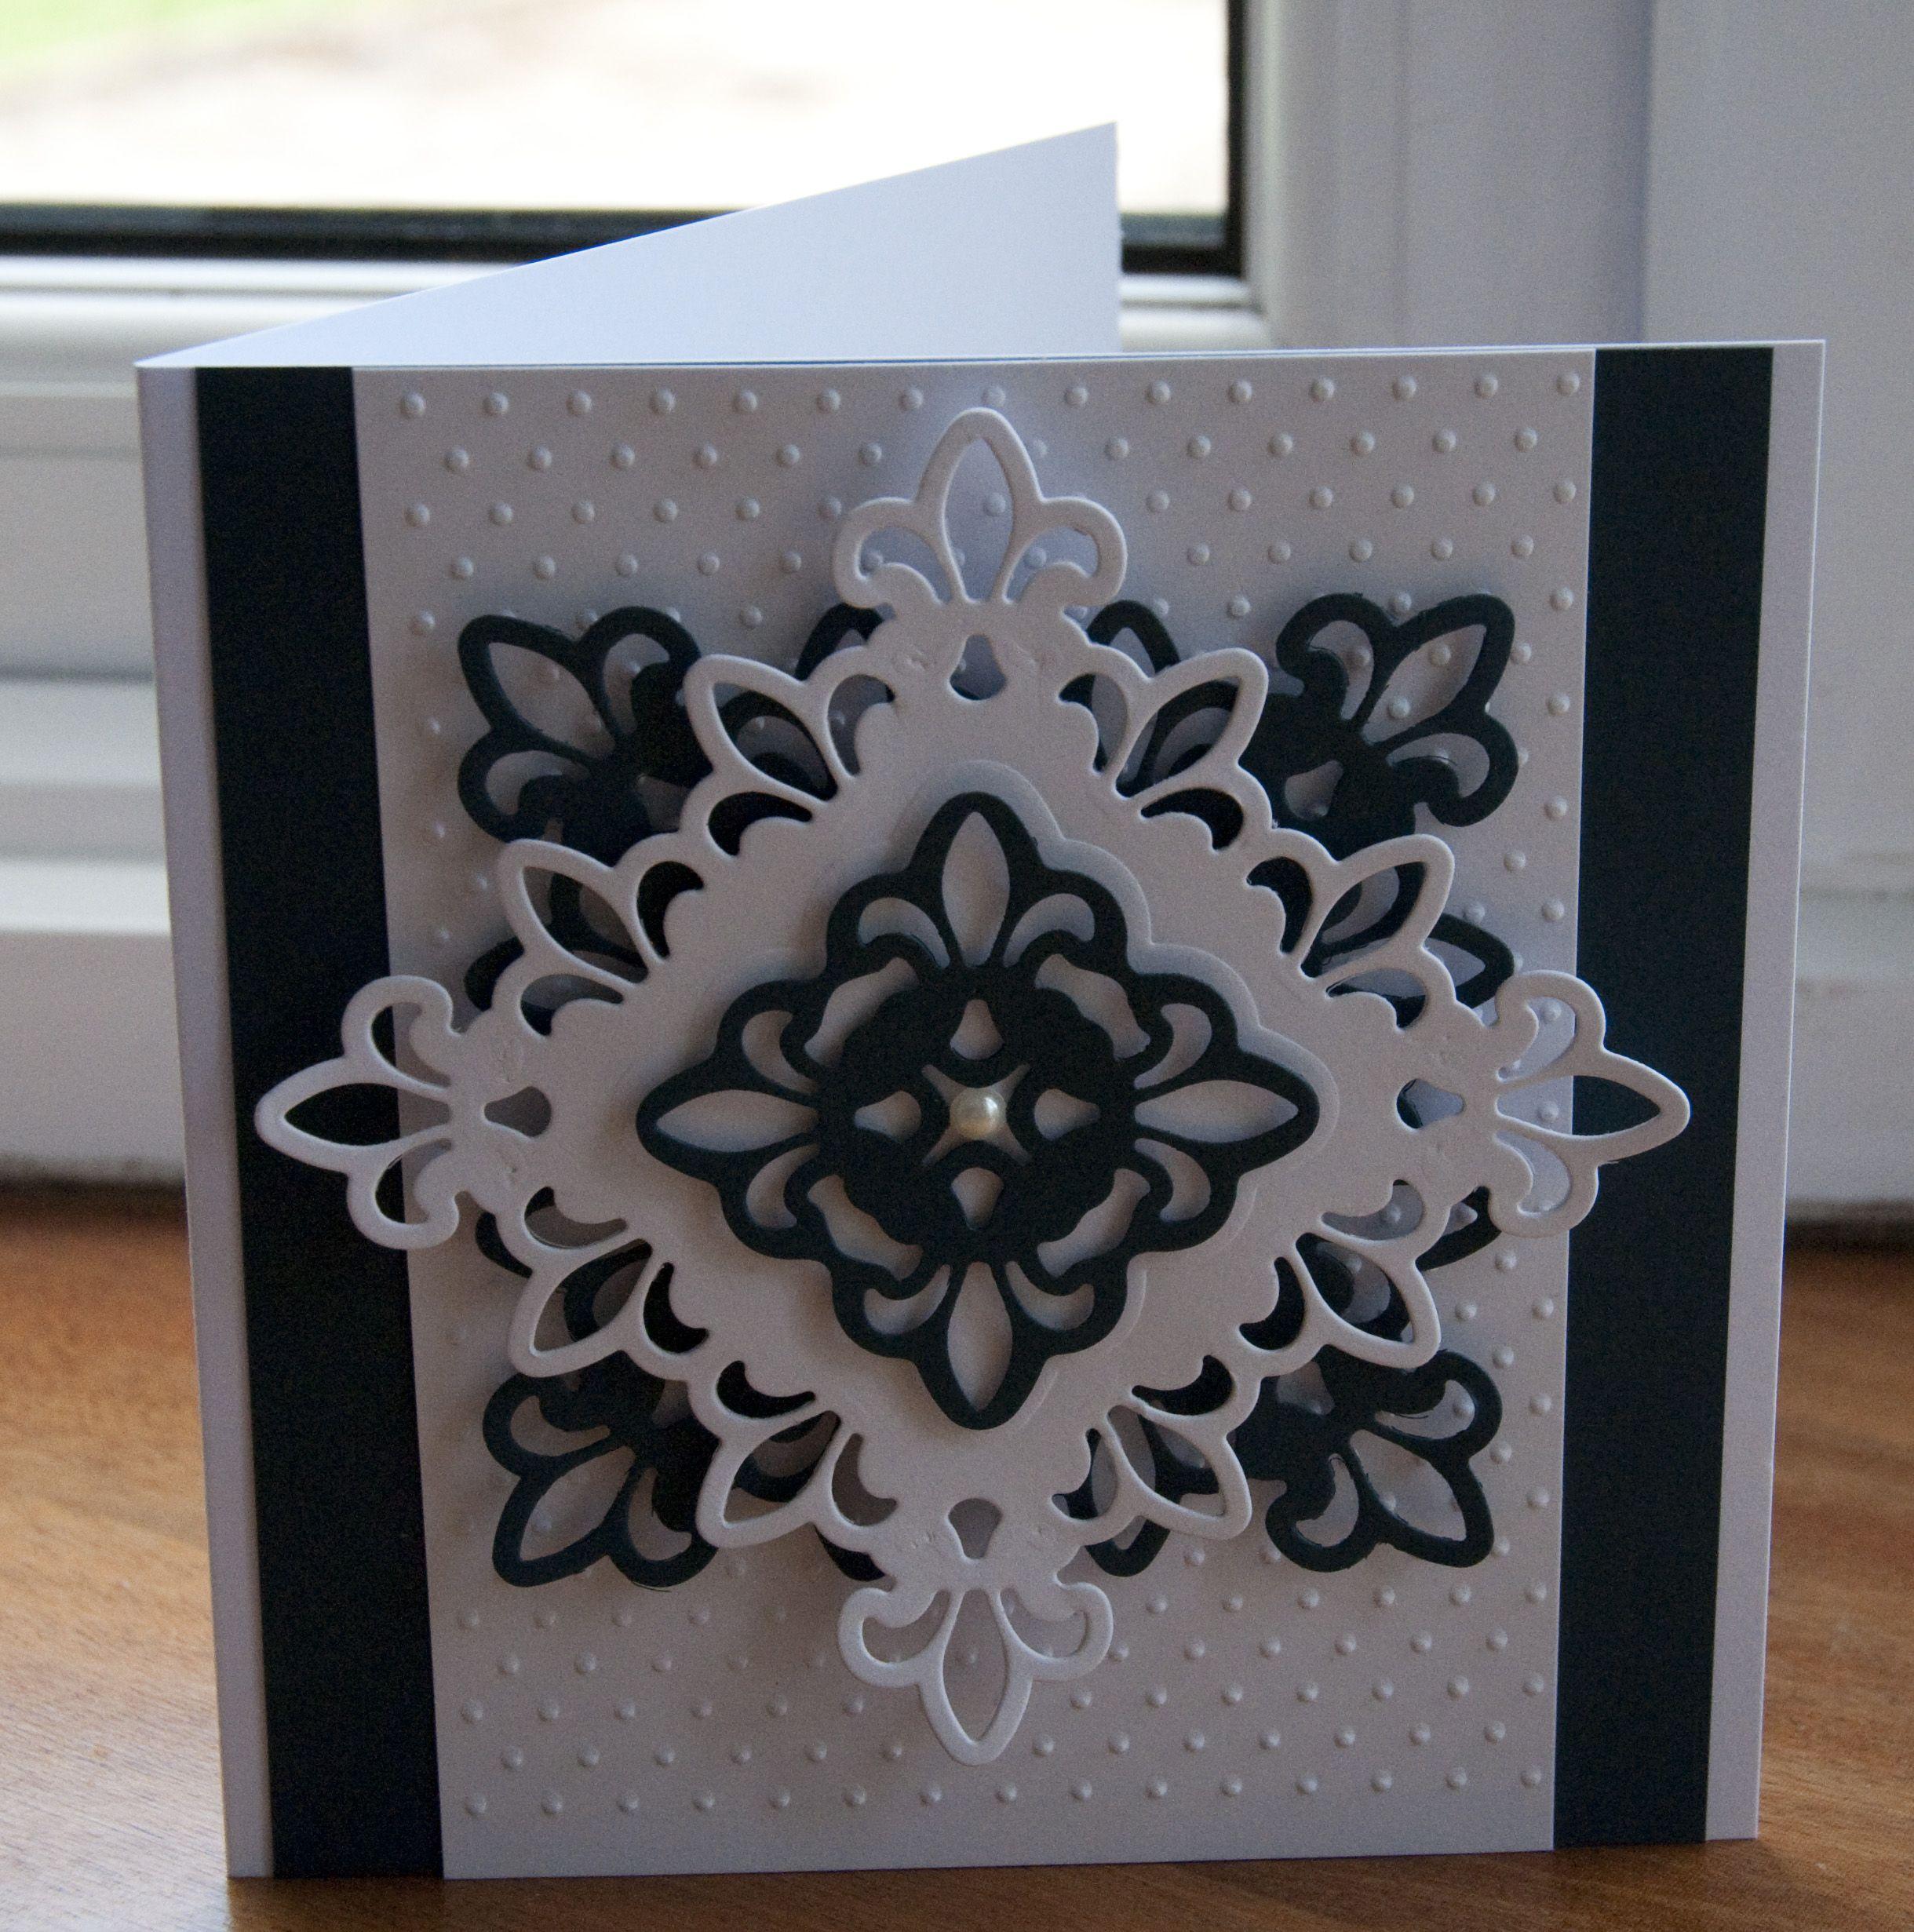 les 25 meilleures id es de la cat gorie spellbinders cartes sur pinterest invitation portes. Black Bedroom Furniture Sets. Home Design Ideas